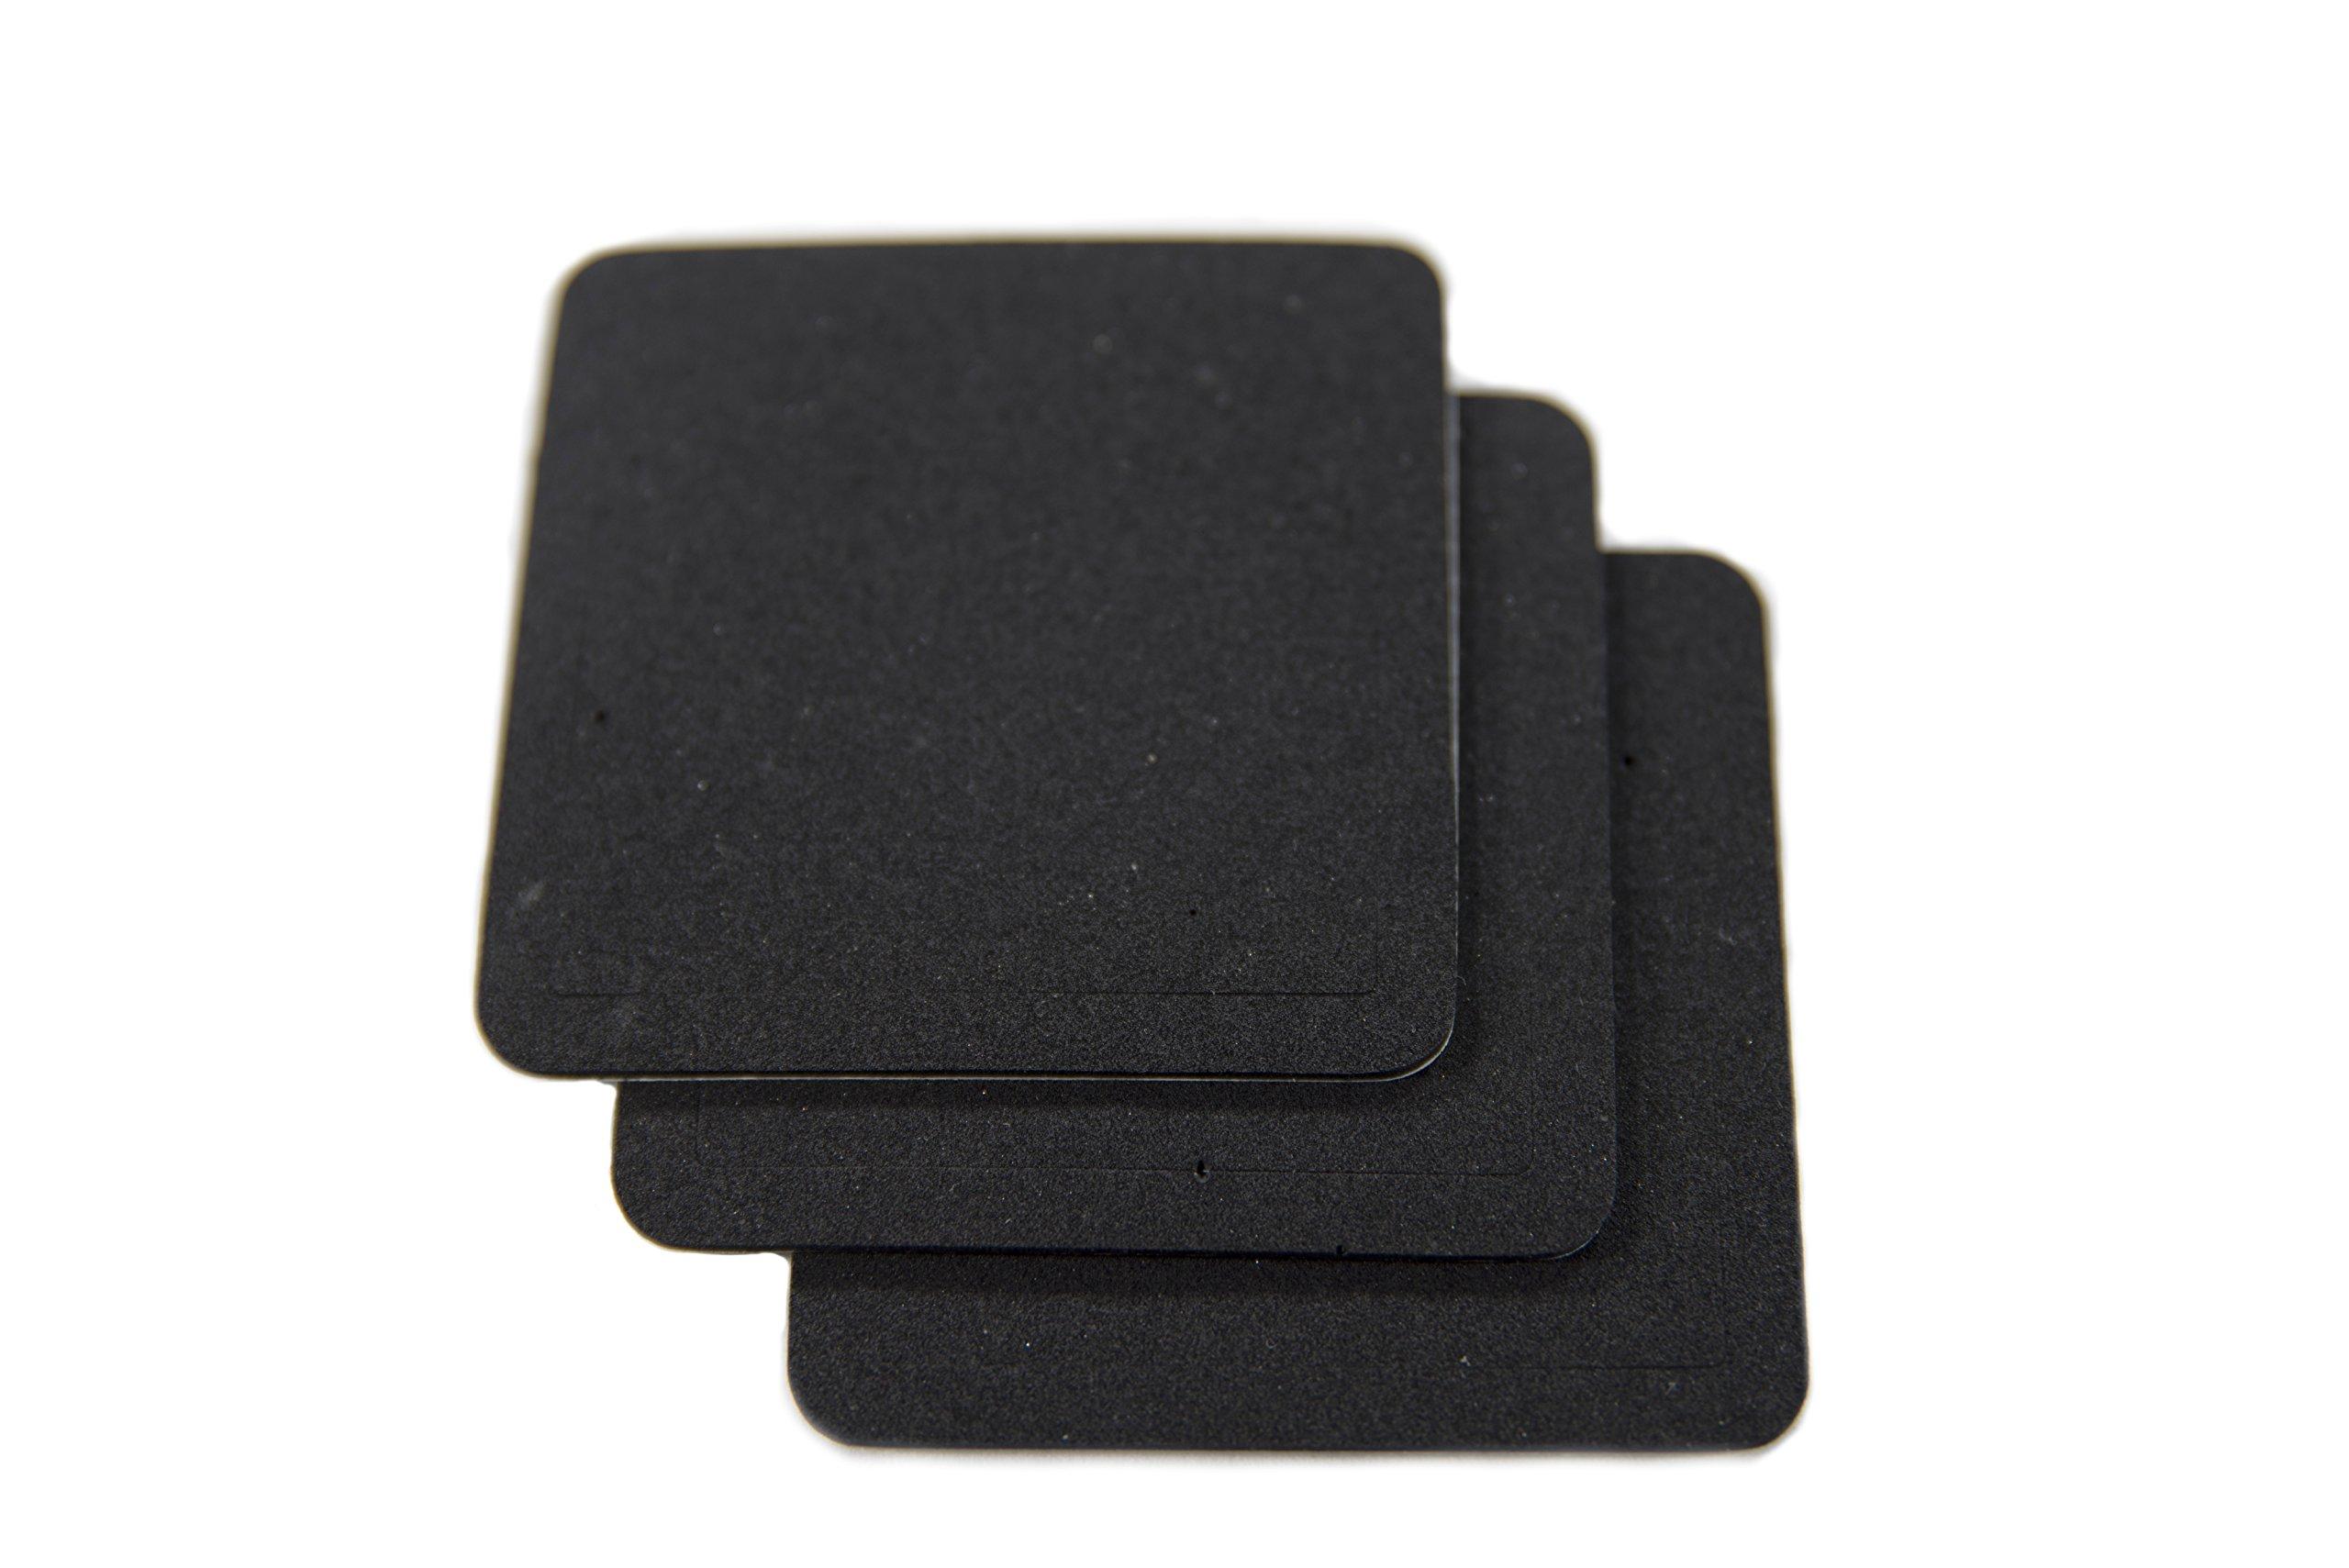 Formatt-Hitech 85m Filter Gasket (Pack of 3)